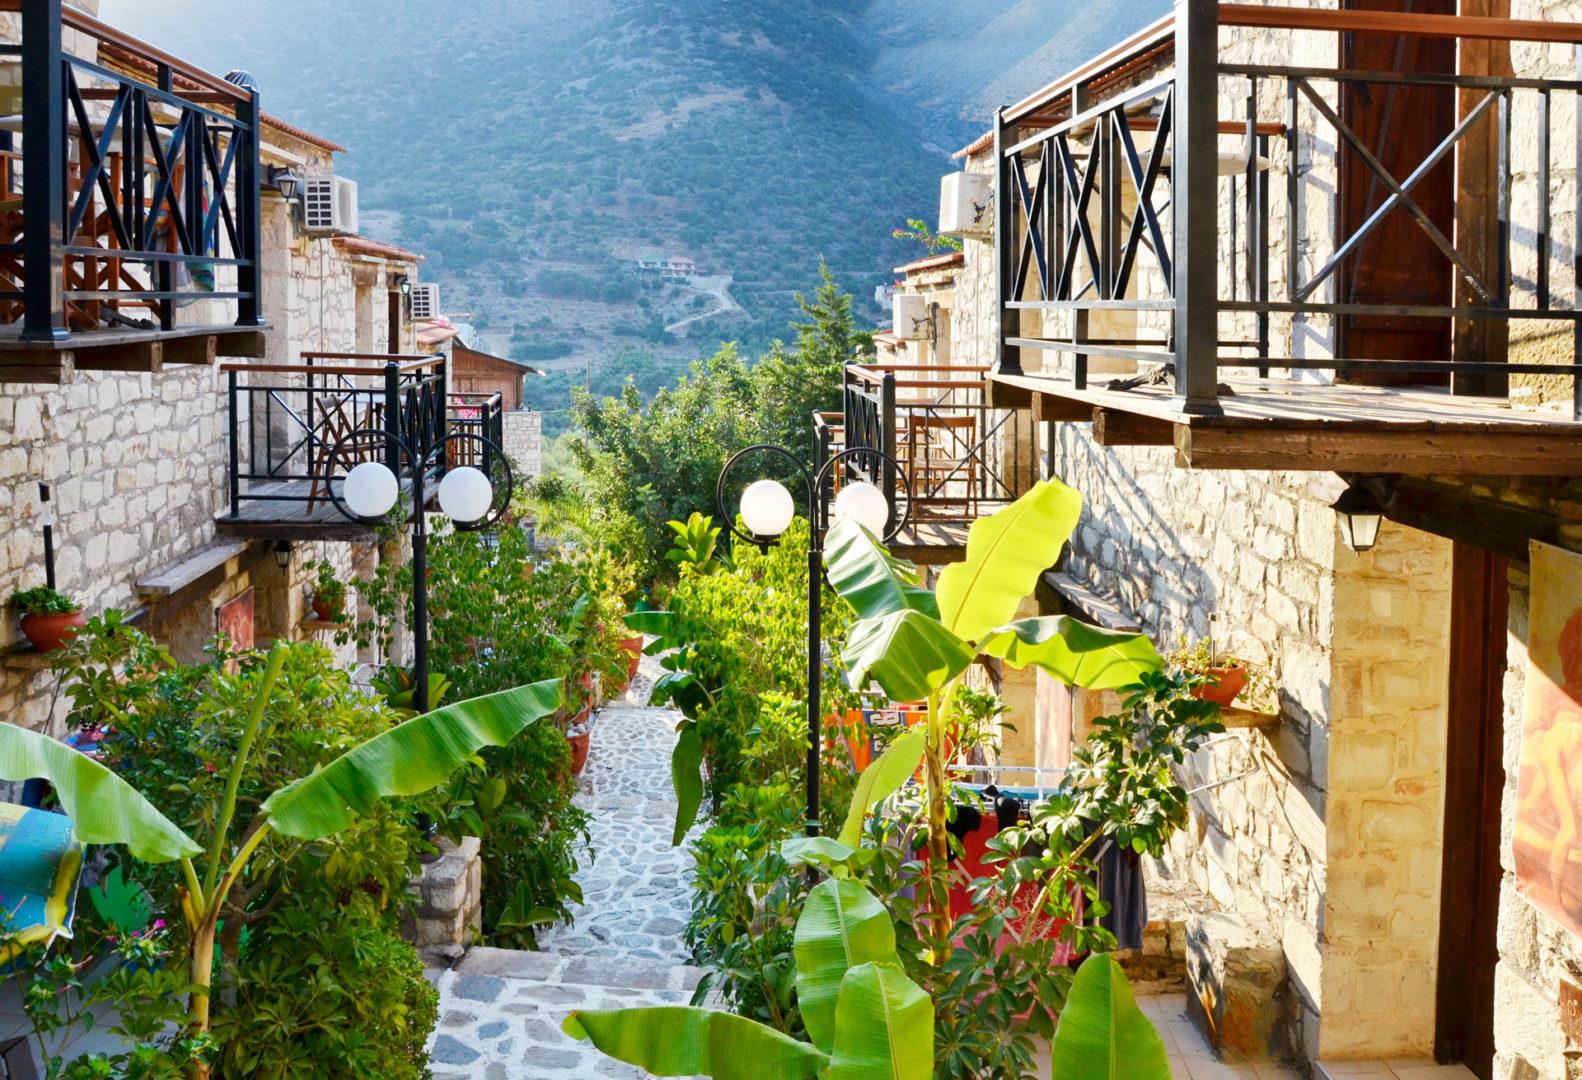 Hotel in Bali Crete - Stone Village - Village 4